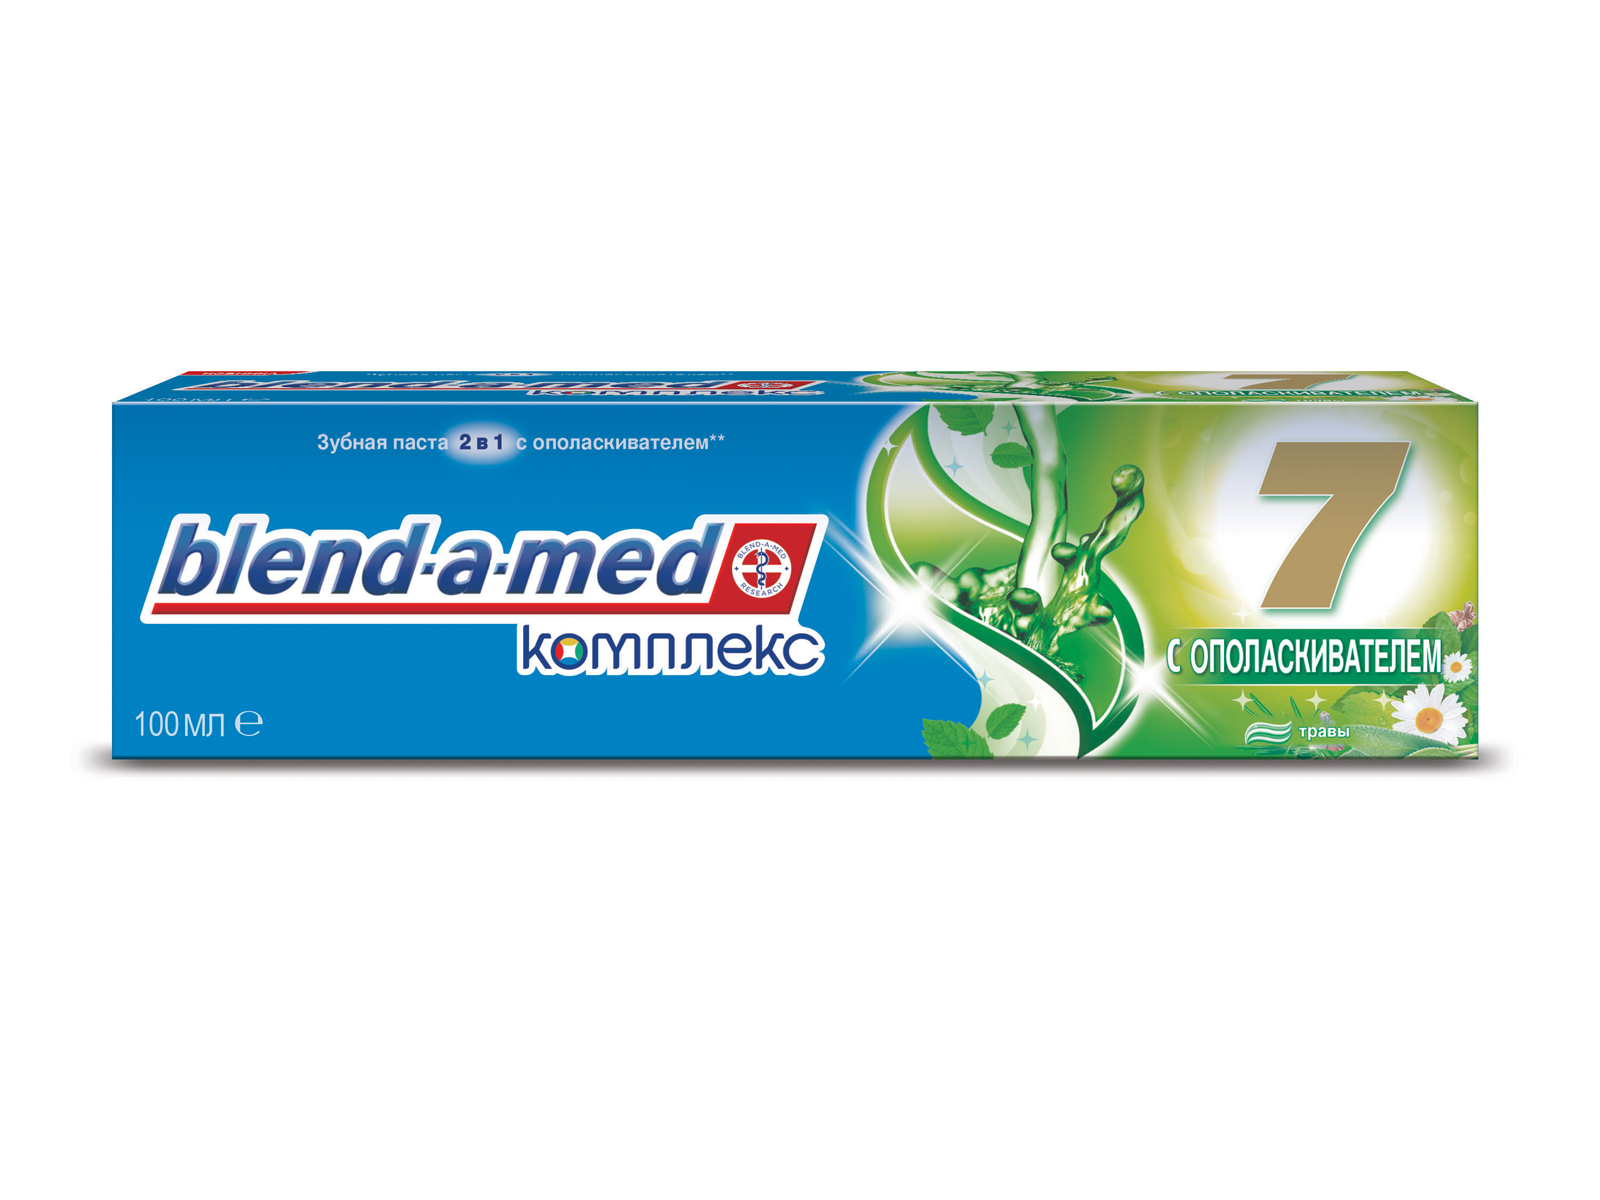 Blend-a-med Зубная паста Комплекс 7 Травы с ополаскивателем, 100 млBM-81417586Дары природы и новейшие технологии по уходу за деснами!Blend-a-med Комплекс 7 + Травы: - Объединяет дары природы и новейшие технологии Blend-a-med. - Содержит экстракты шалфея, ромашки, мелиссы, розмарина и мяты для активного ухода за деснами. Зубные пасты Blend-a-med Комплекс 7 защищают по семи признакам: - Бактериальный налет.- Кариес зубов.- Проблемы дёсен. - Кариес корня.- Зубной камень. - Тёмный налёт. - Несвежее дыхание. Комплекс 7 обеспечивает быструю, простую и легкую защиту всей полости рта, и вы можете наслаждаться жизнью, не беспокоясь о здоровье ваших зубов! Ощутите бодрящий эффект травяного сбора из семян аниса, эвкалипта и мяты в Blend-a-med Комплекс 7 + Травы. Blend-a-med рекомендует использовать зубную пасту Комплекс 7 + Травы с зубной щеткой Oral-B Комплекс.. Попробуйте новый Blend-a-med Комплекс 7 Травы с ополаскивателем. - Обеспечивает качественный уход за здоровьем полости рта. - Комплексная защита всё полости рта. - При регулярном применении помогает улучшить состояние полости рта. - Комплекс 7 обеспечивает быструю, простую и легкую защиту всей полости рта, и вы можете наслаждаться жизнью, не беспокоясь о здоровье ваших зубов. Срок хранения – 3 года. «Проктер энд Гэмбл», Германия.